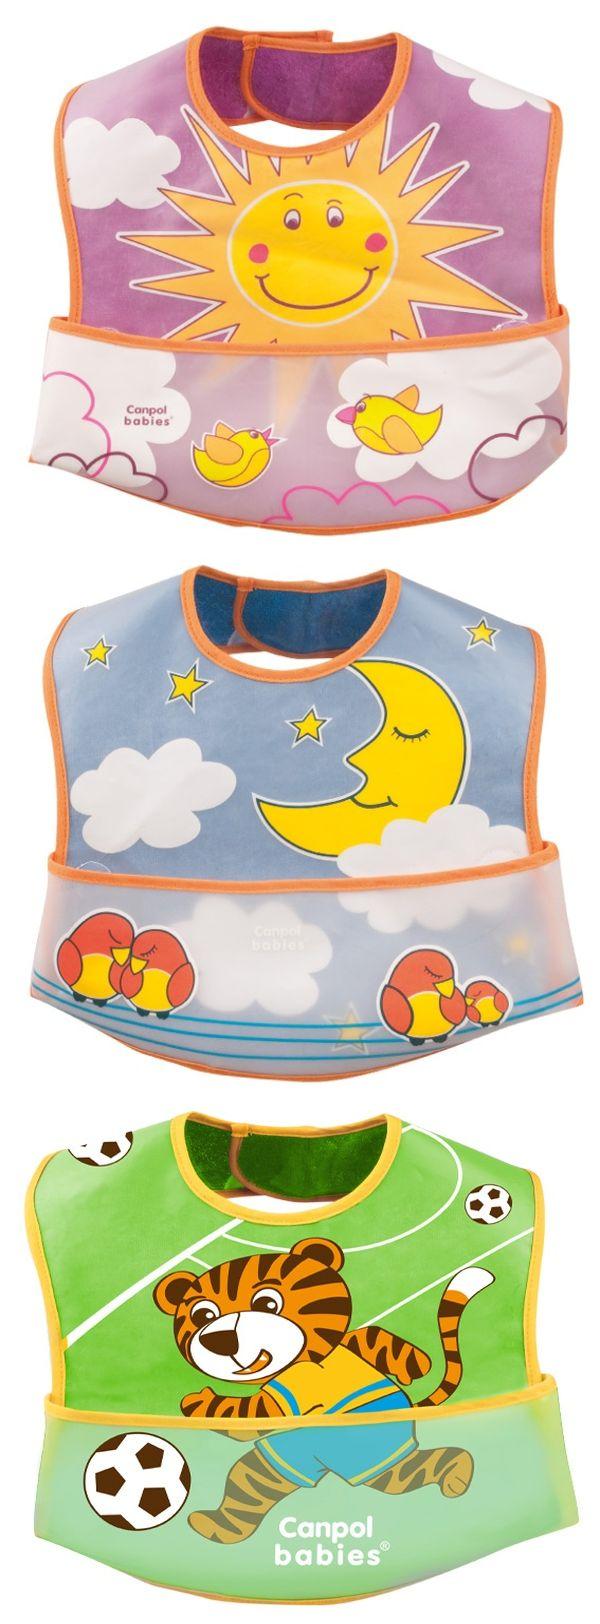 """Нагрудник хлопчатобумажный (двухслойный, внутренняя сторона - хлопок, наружная - PEVA (полиэтиленвинилацетат), не содержит ПВХ), на липучке, с рисунком и карманом для остатков пищи во время кормления ребенка), 15/112, """"Canpol babies"""""""